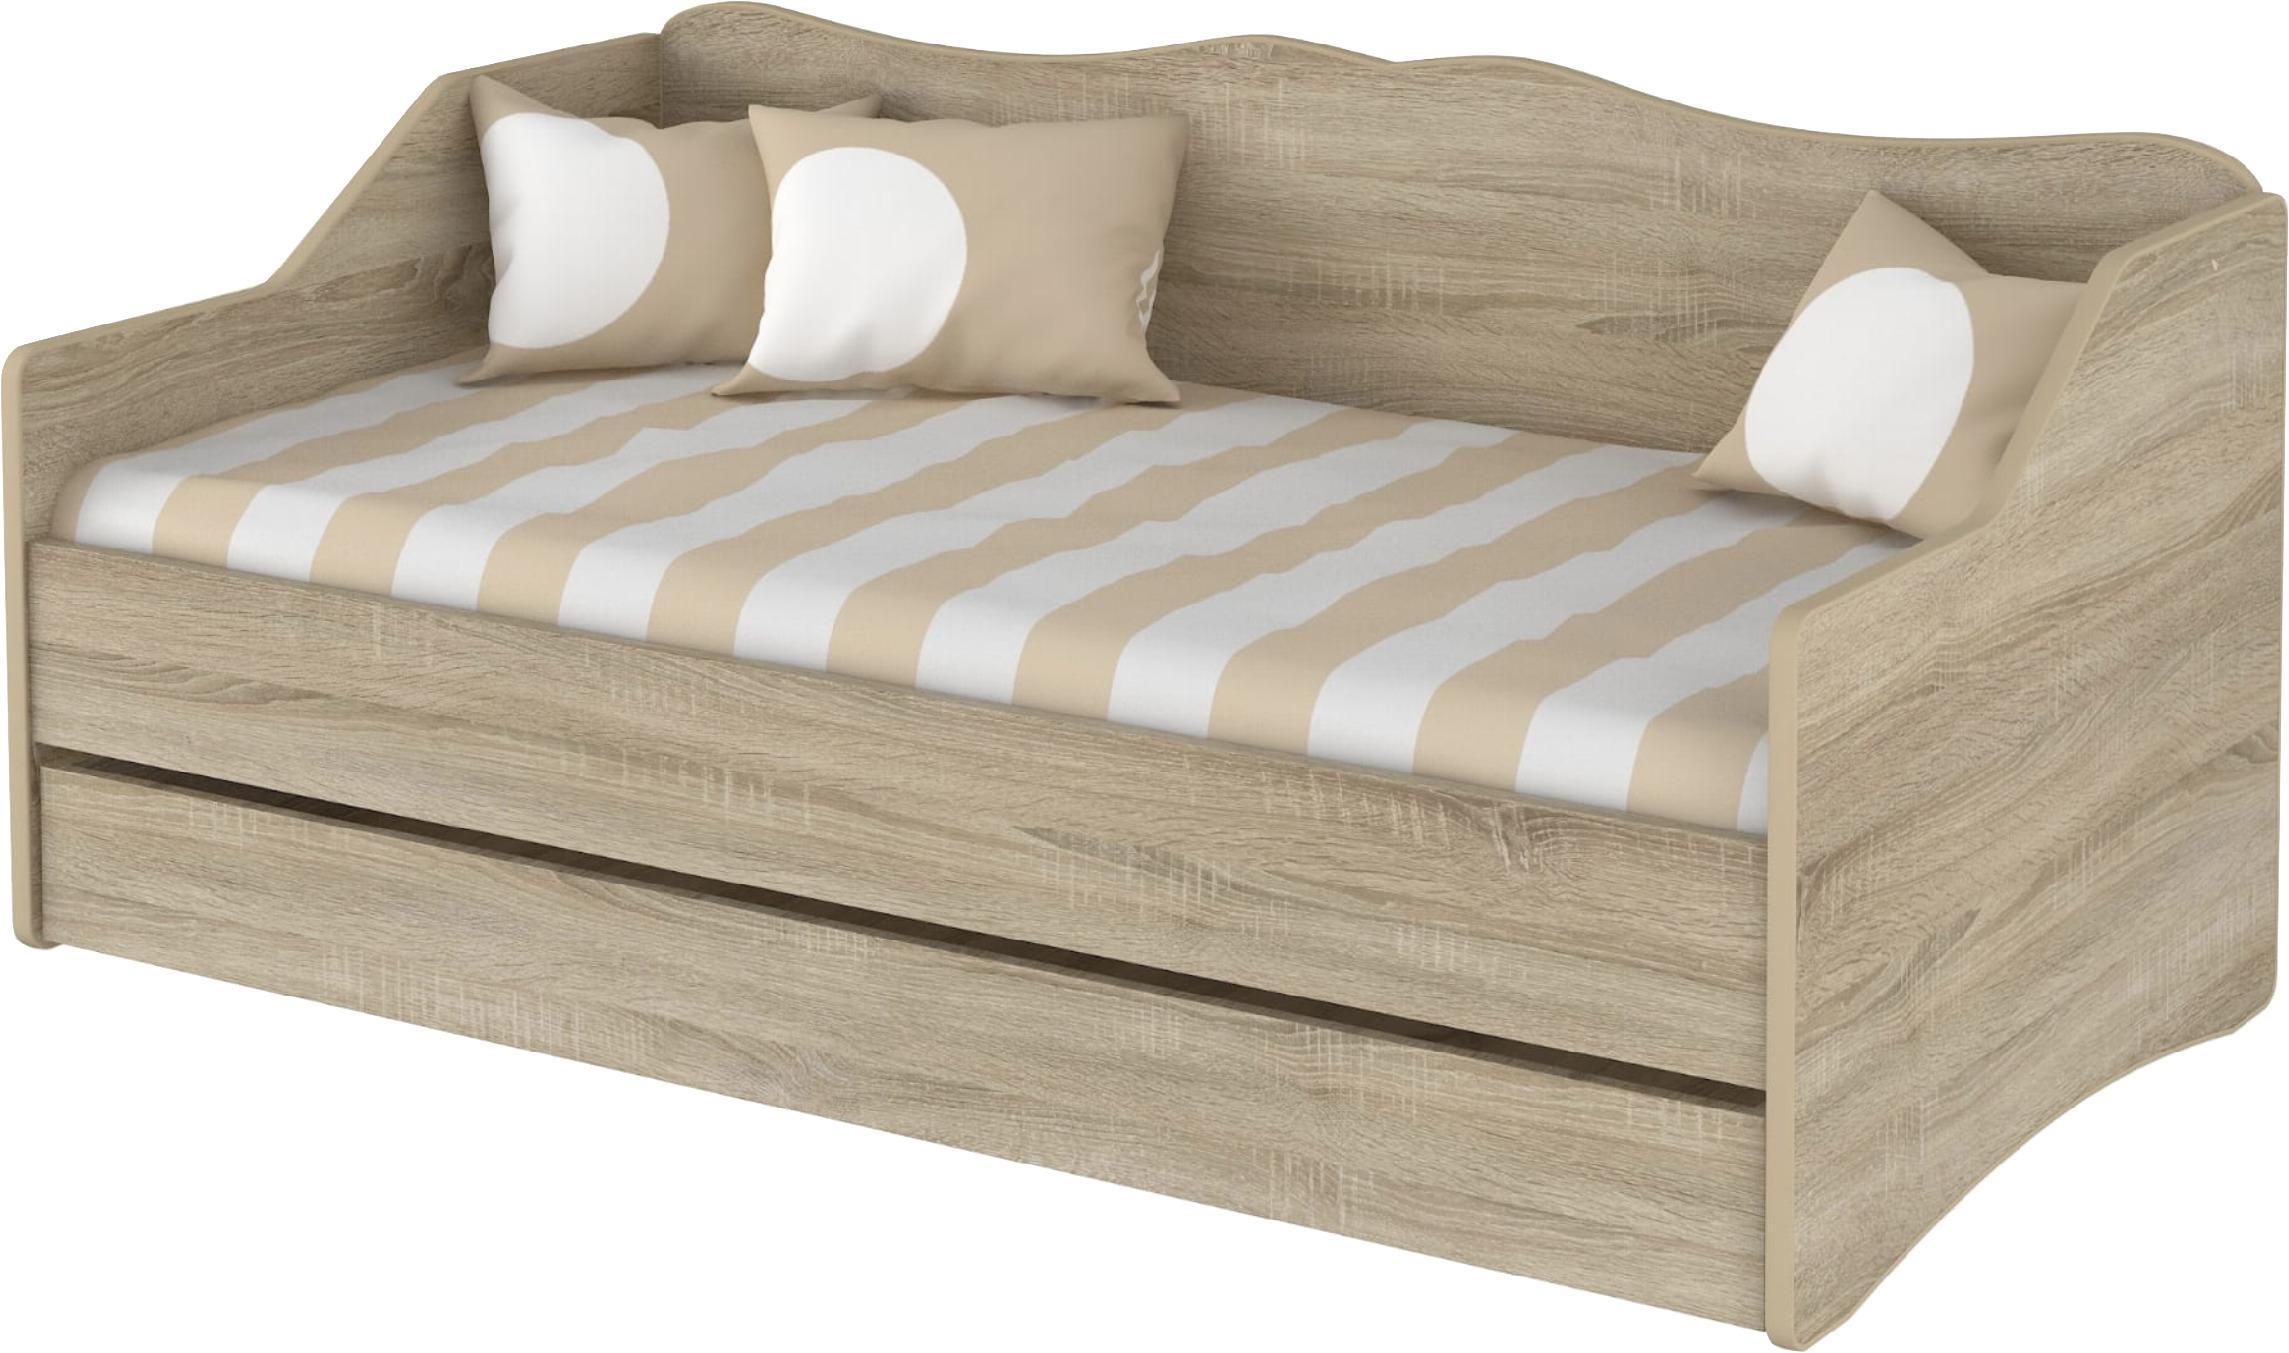 DO Detská posteľ Lulu 160x80 - dub sonoma